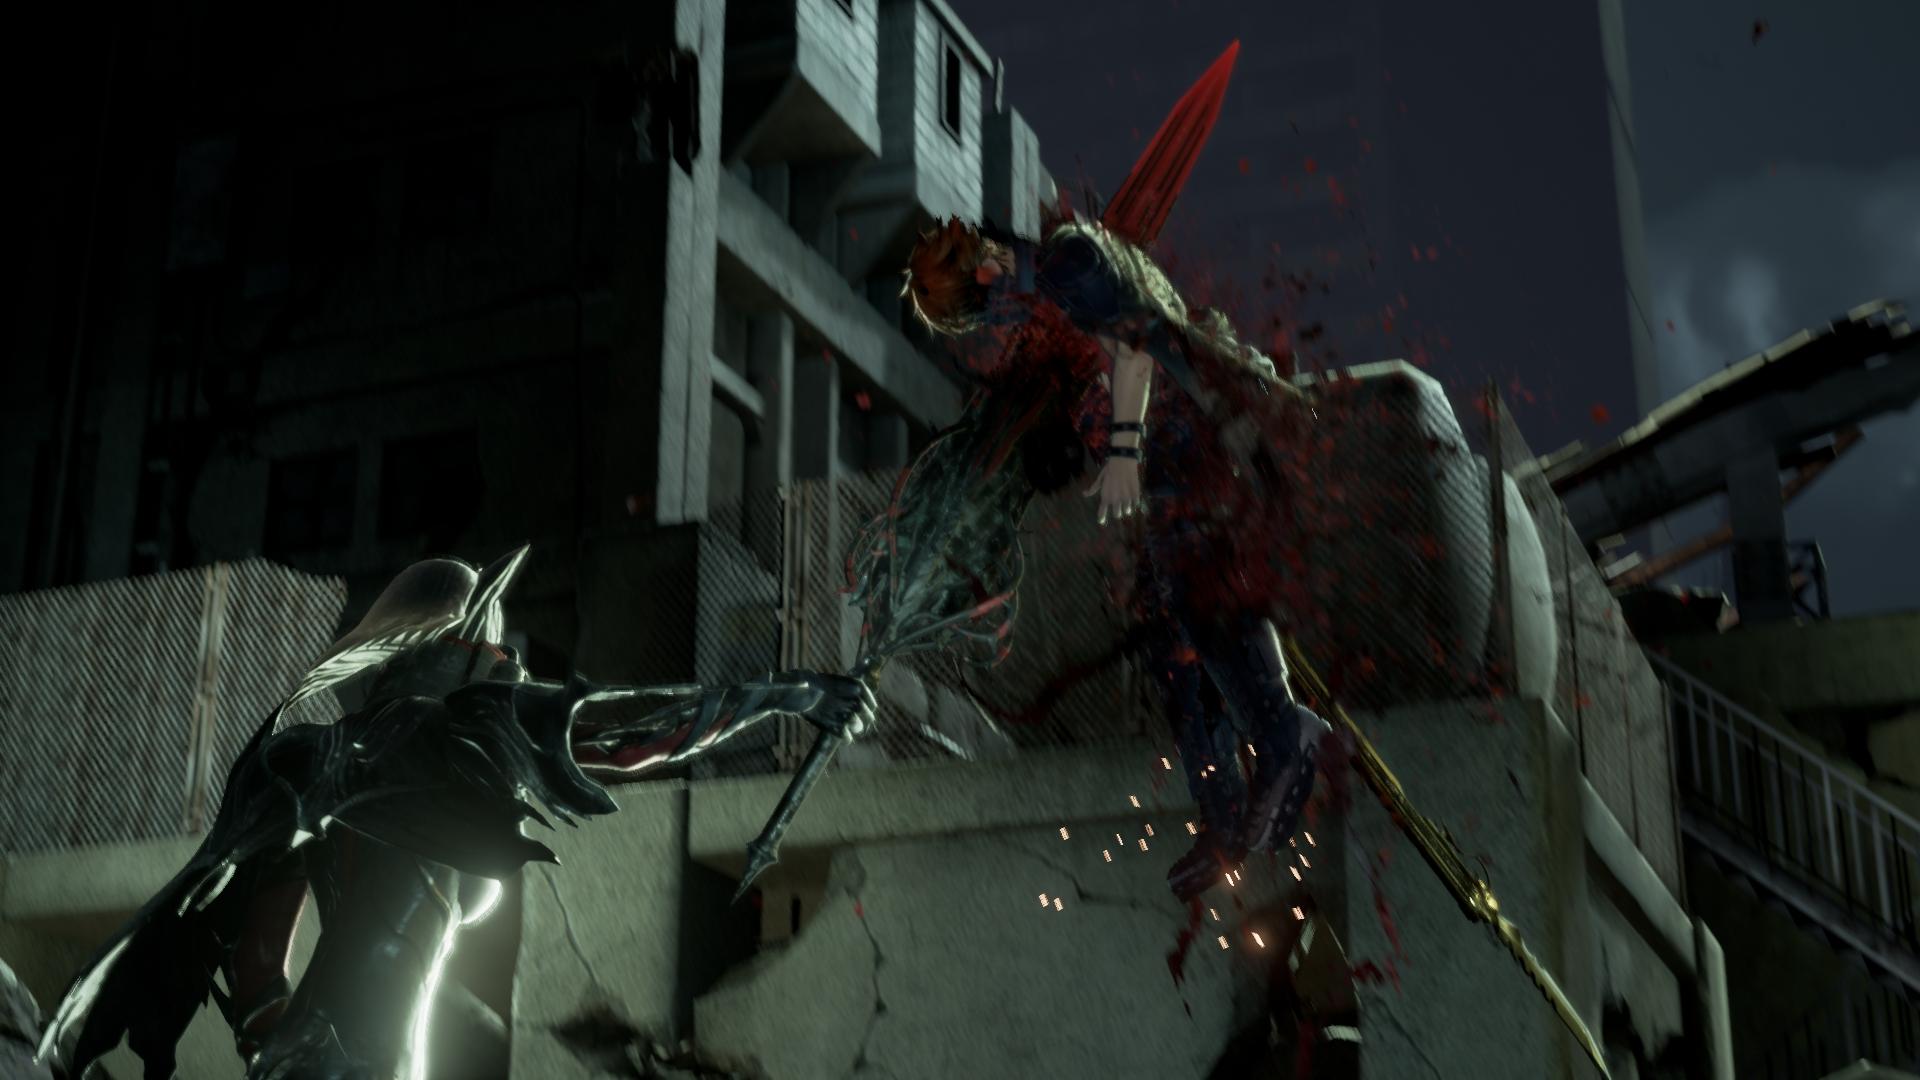 シルヴァ指揮のもと多くの吸血鬼が生まれ、戦いに参加した。クイーンに支配された堕鬼との熾烈な戦い。吸血鬼達は、心臓を破壊されない限り何度でも蘇り、死地へと投入されていく